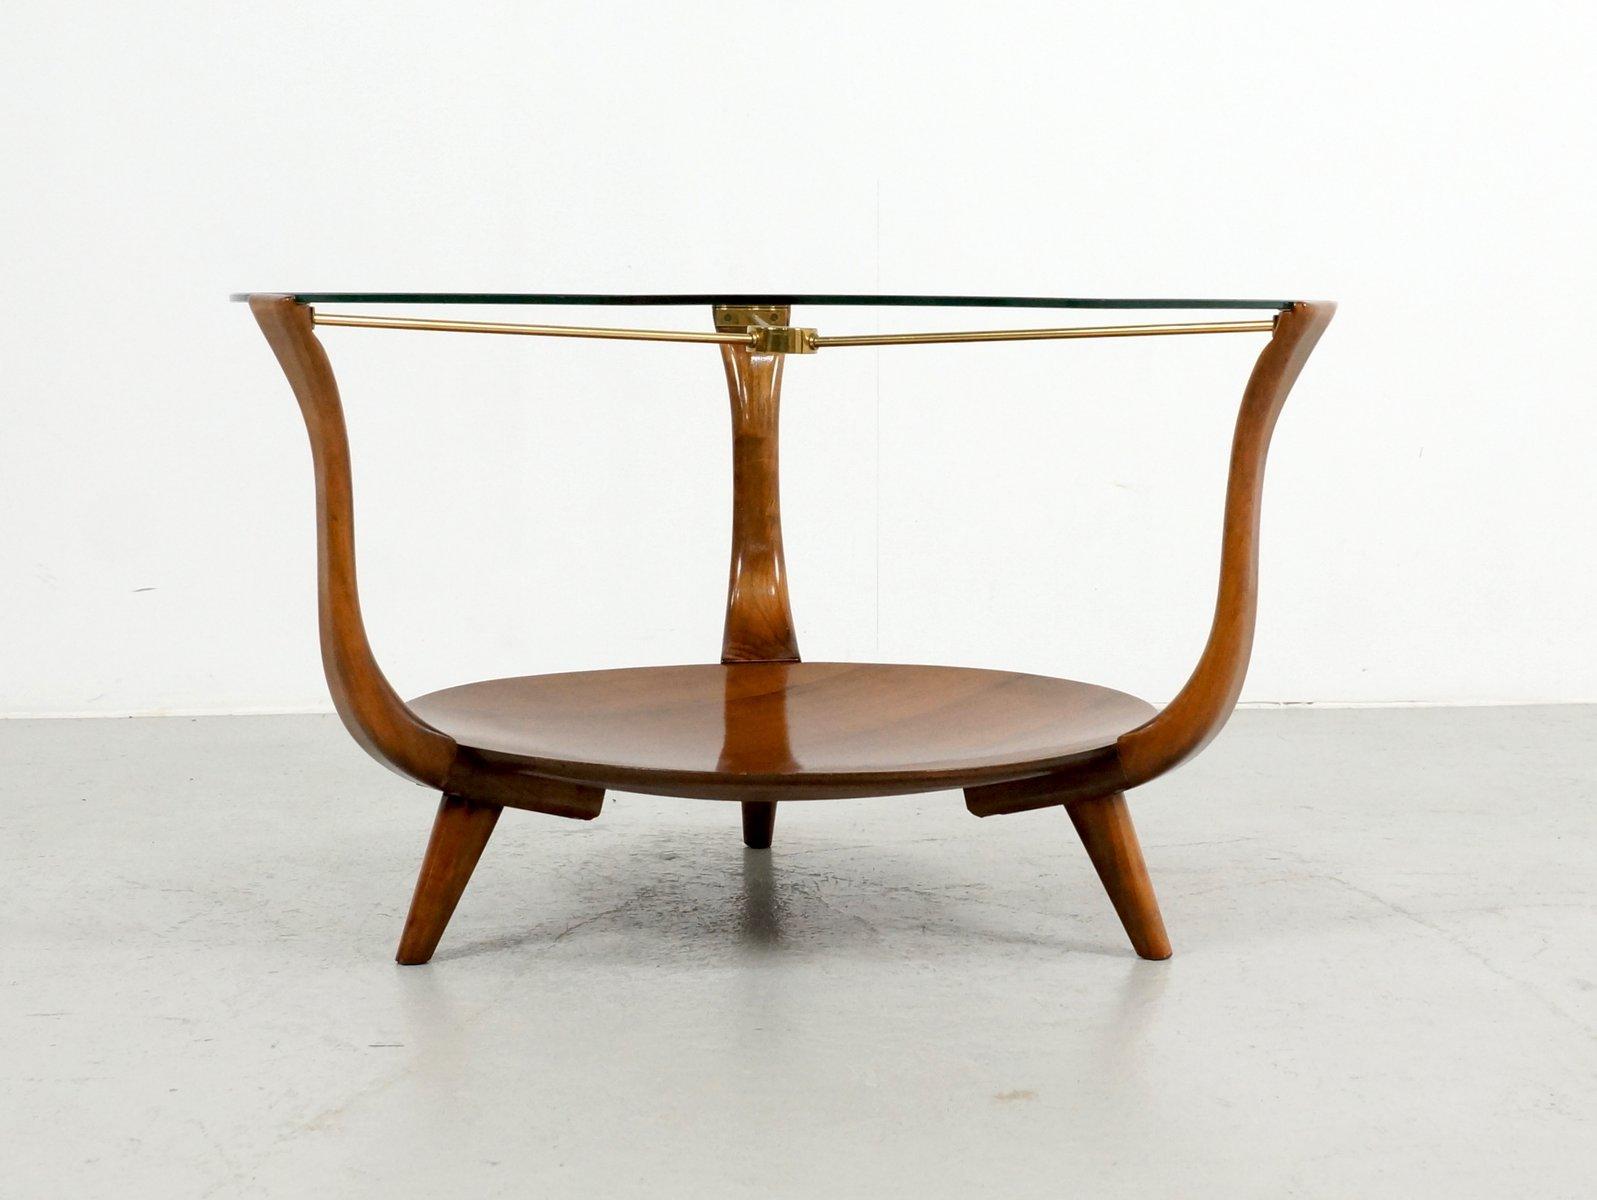 Table Basse Ronde En Noyer Laiton Et Verre Italie 1950s En Vente Sur Pamono